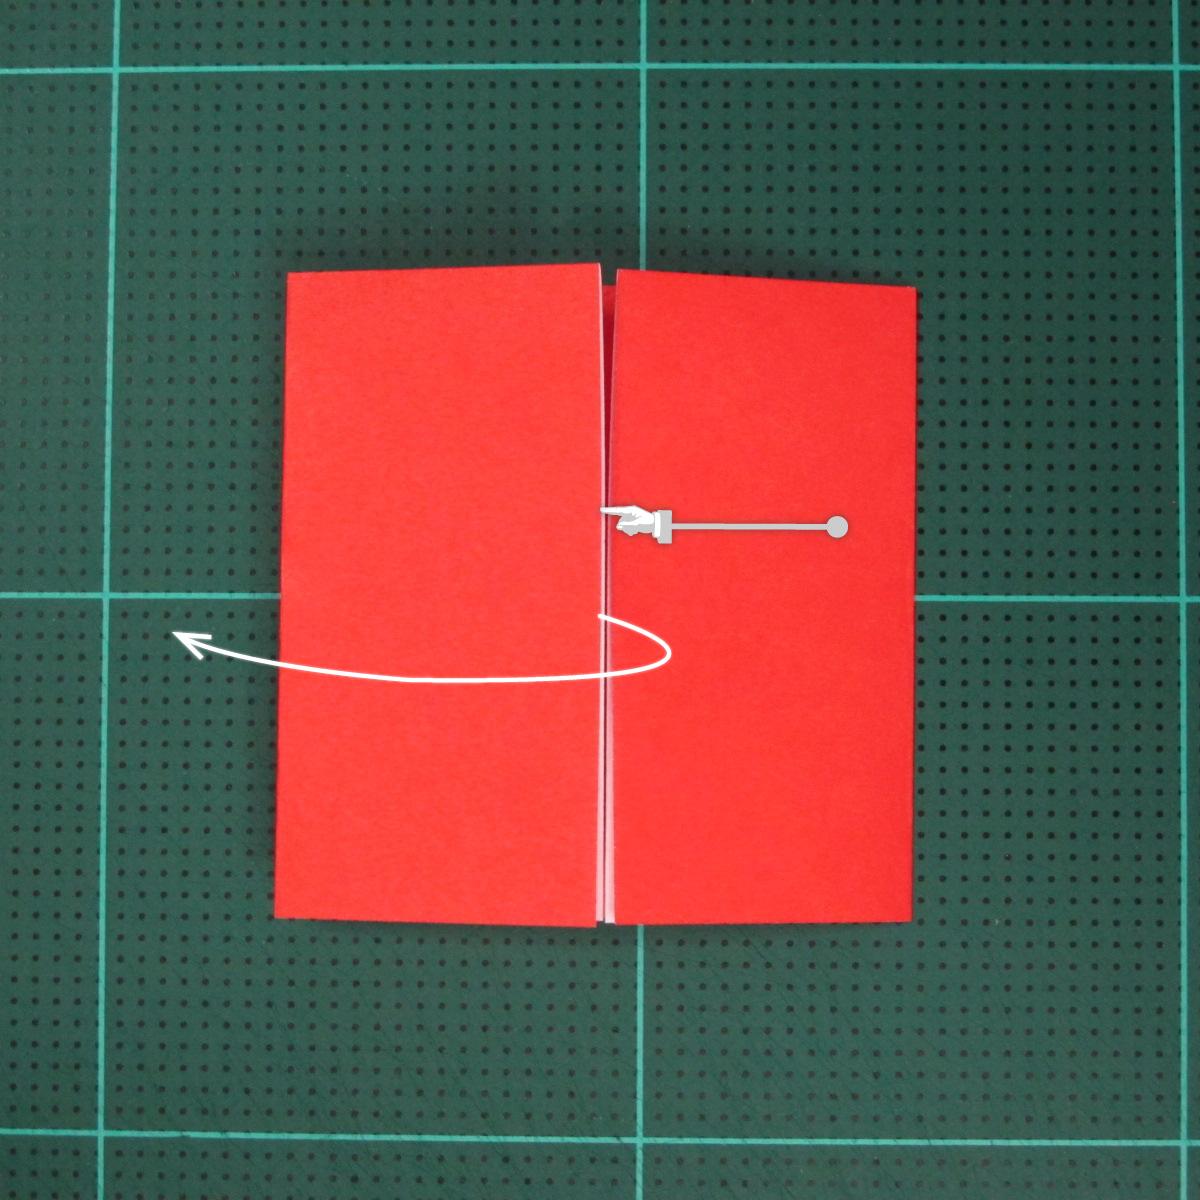 วิธีการพับกระดาษเป็นรูปเปียโน (Origami Piano) 005